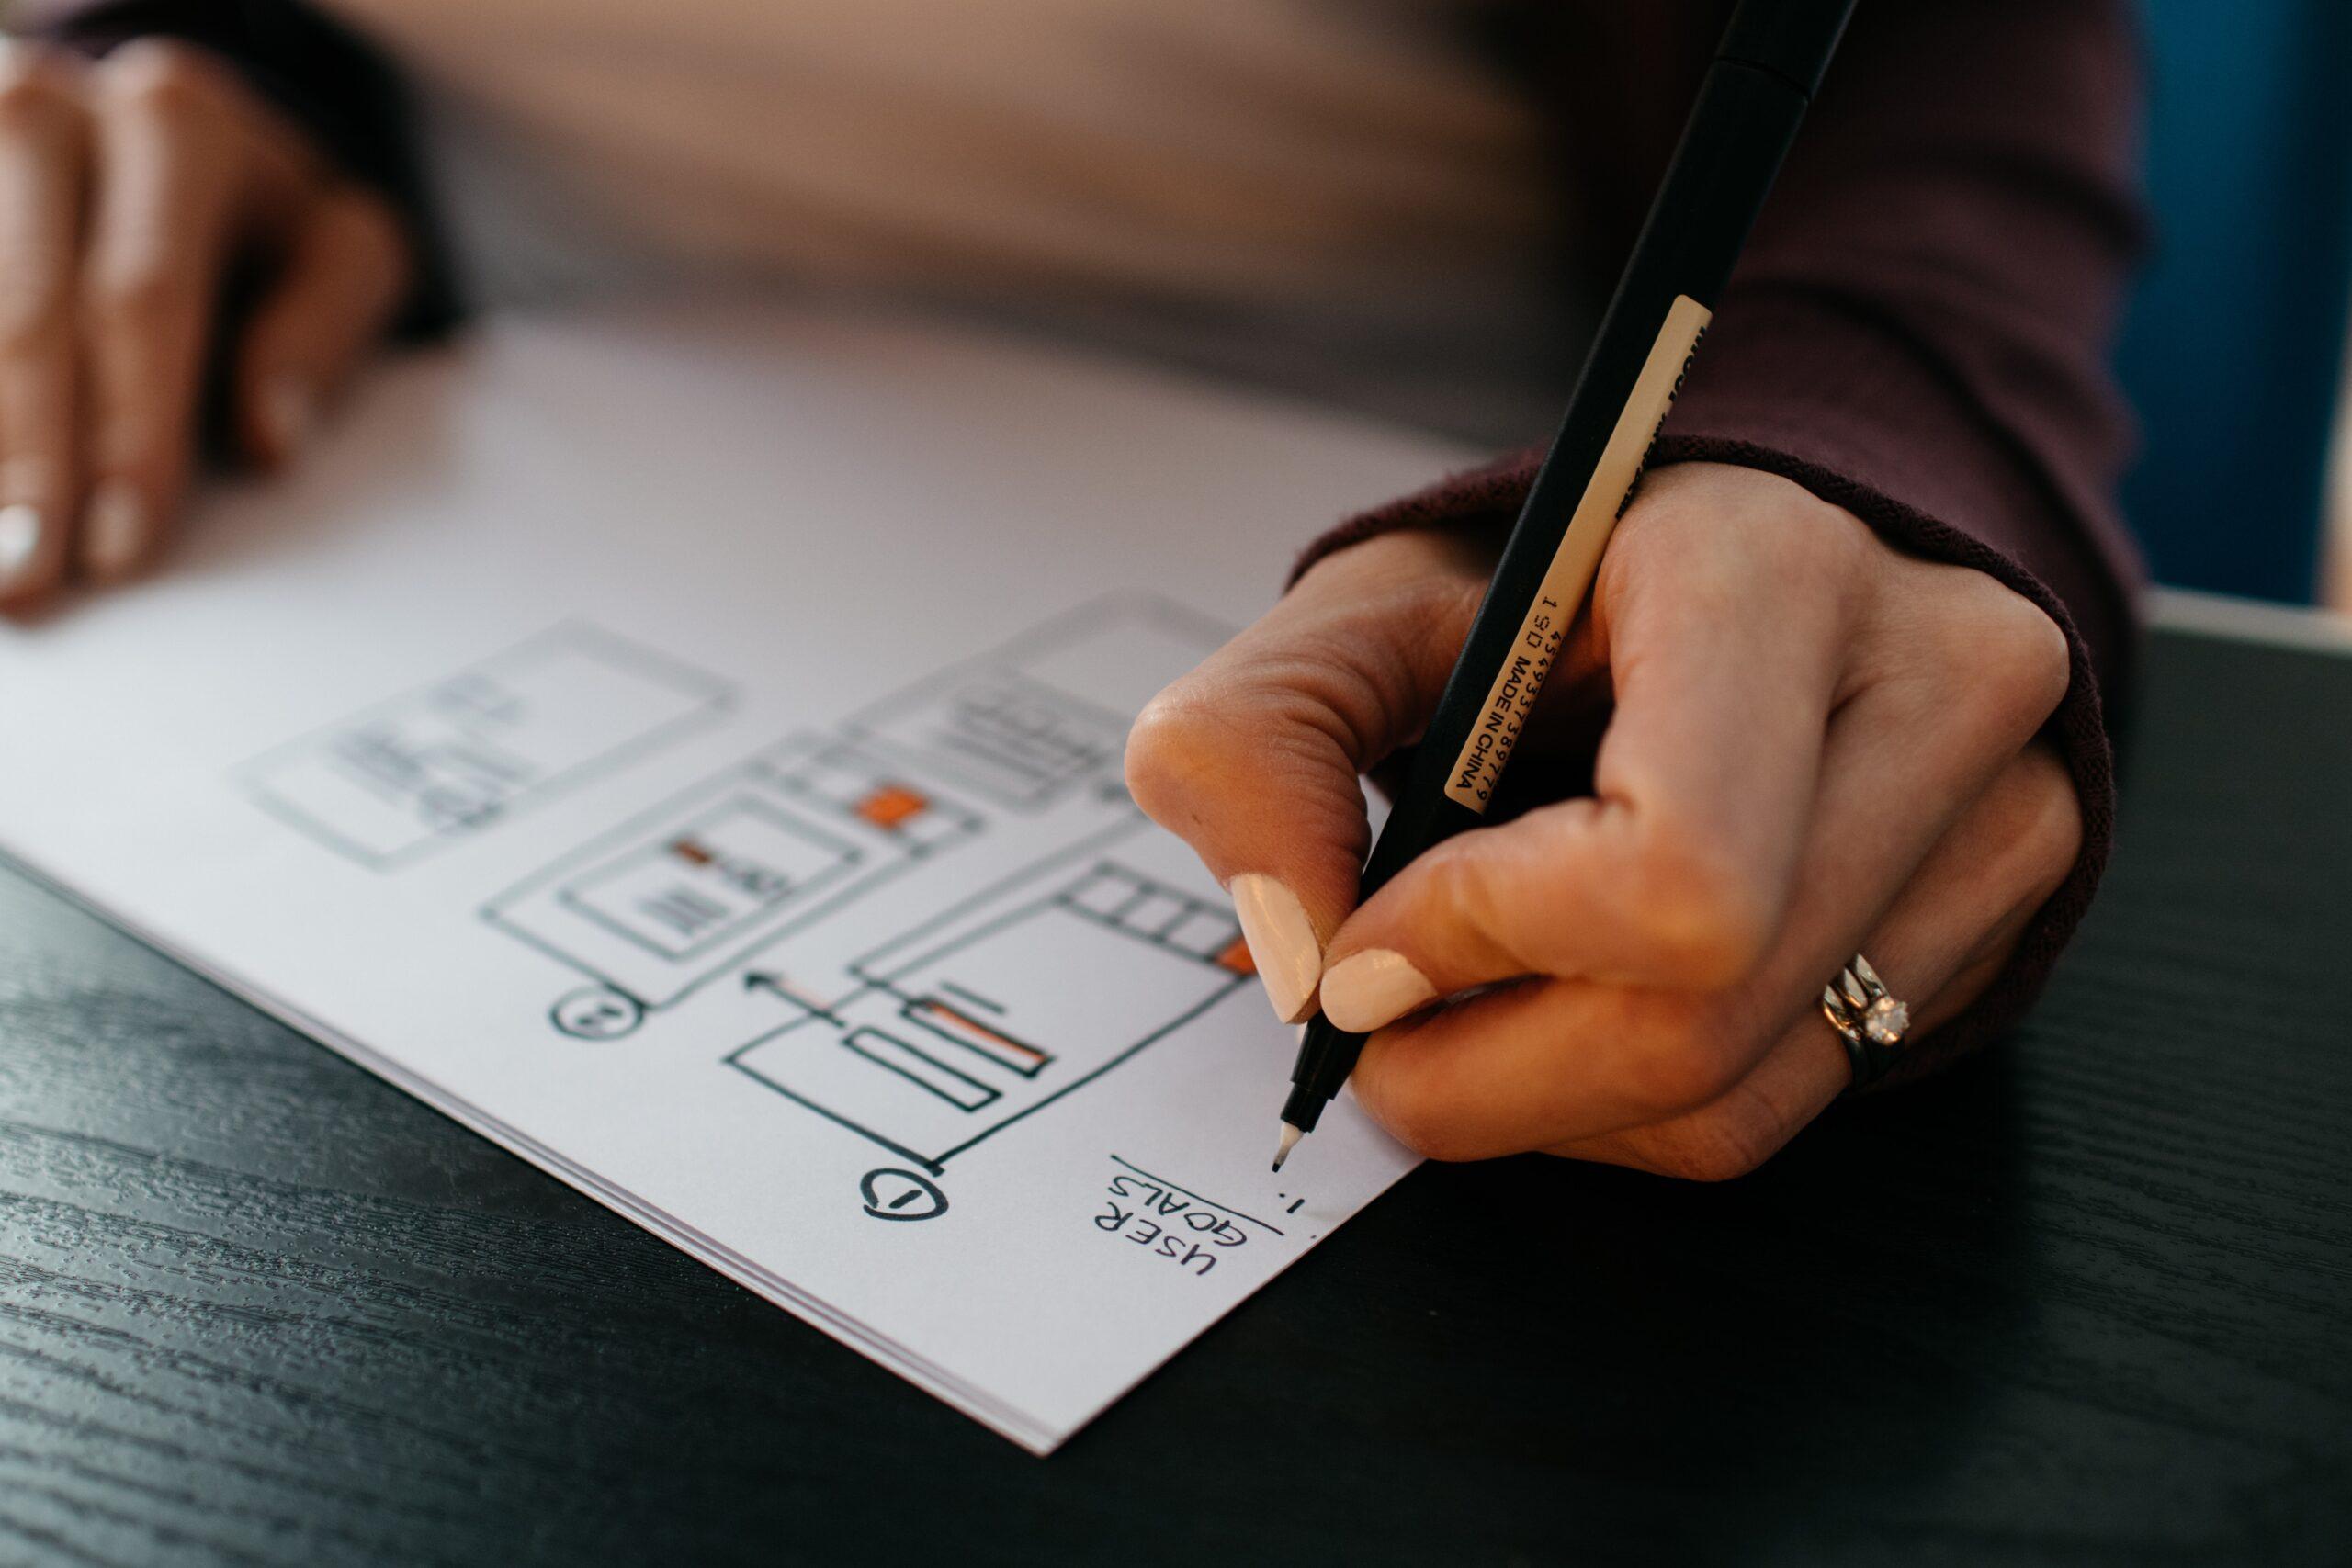 Qué es el UX Writing y por qué es importante en Marketing Digital |  Marketing Digital Turístico